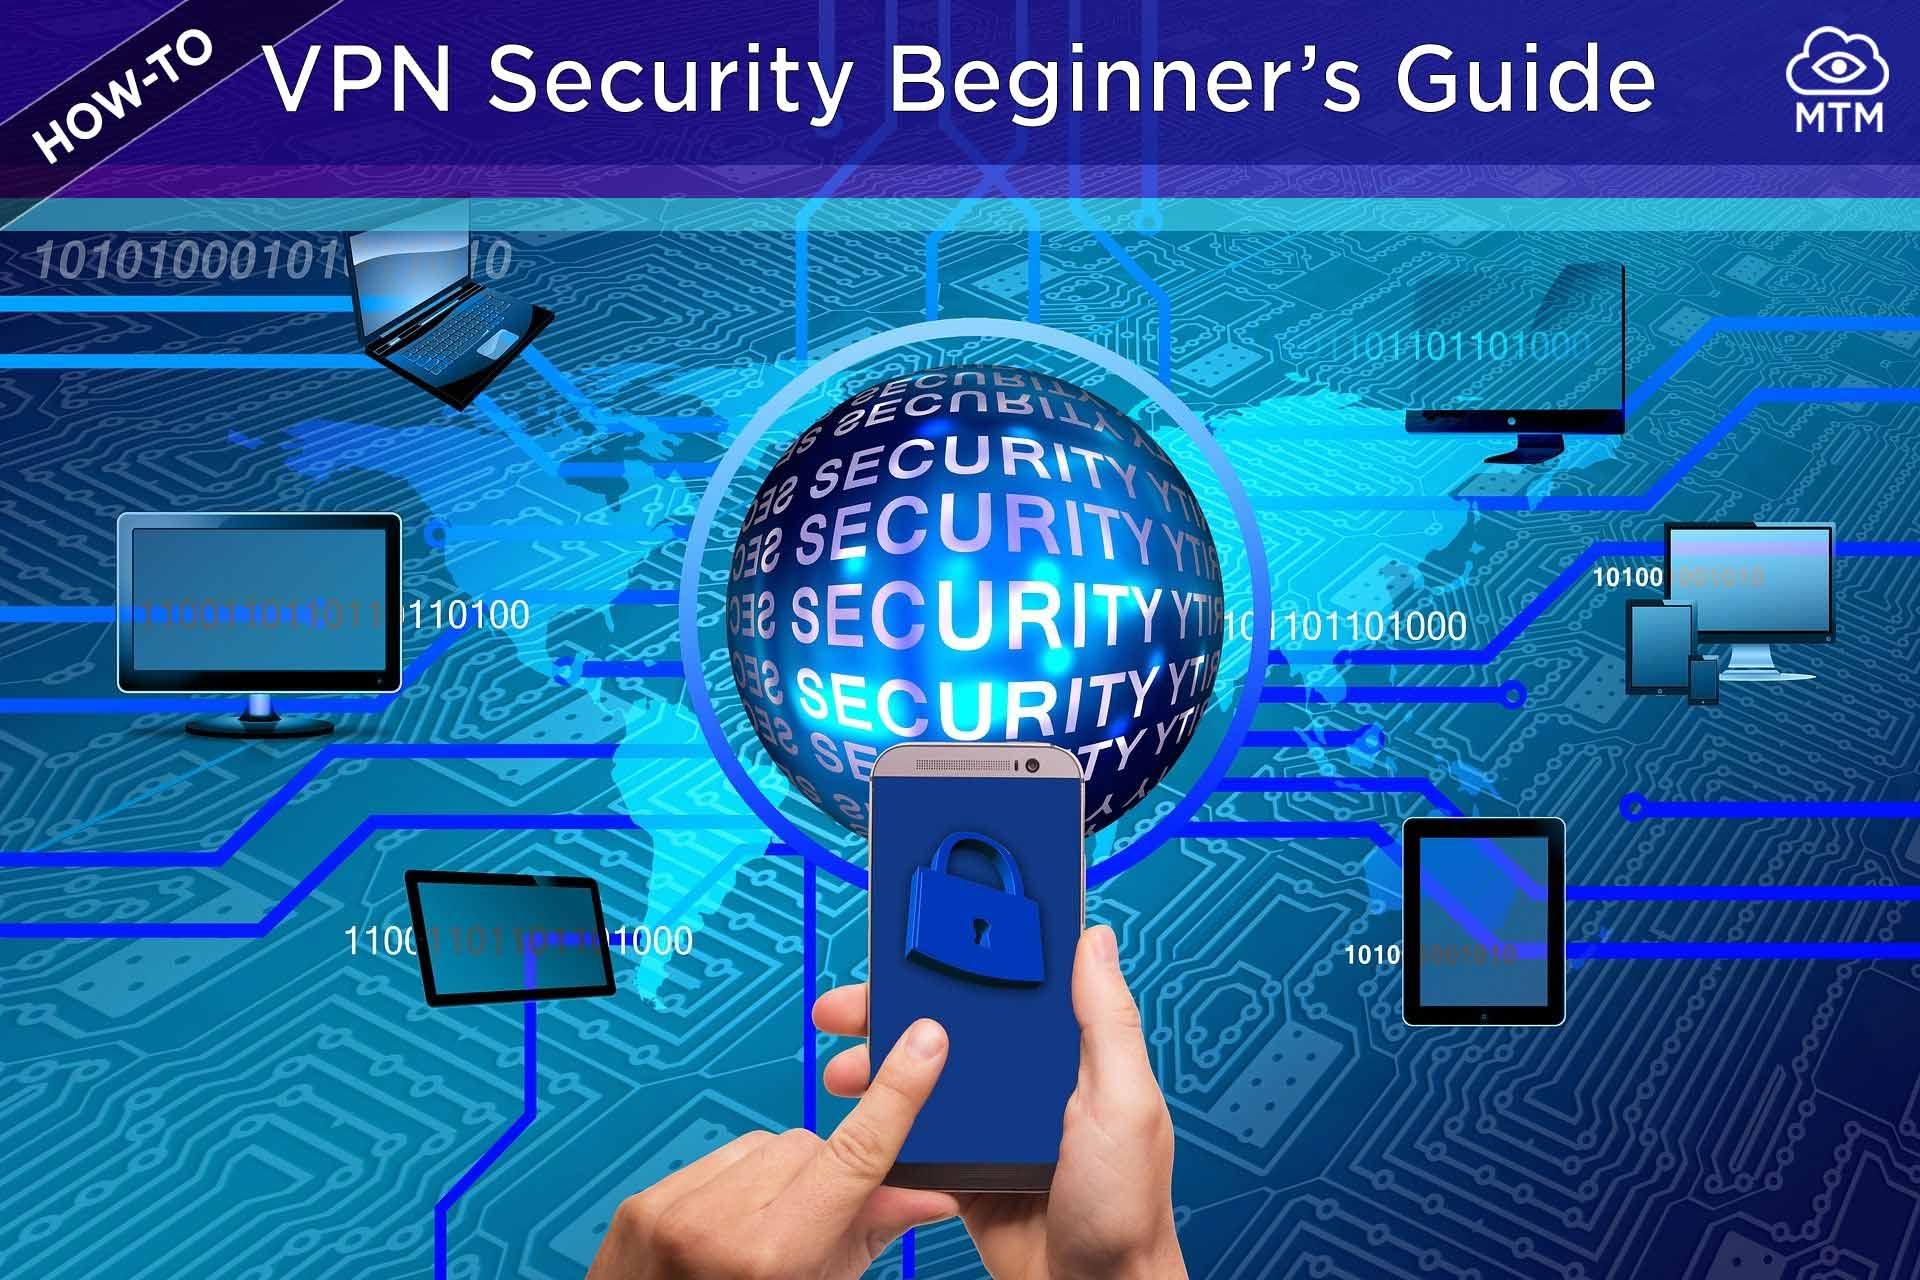 VPN konexioak seguruagoak egiteko hasiberrientzako gida